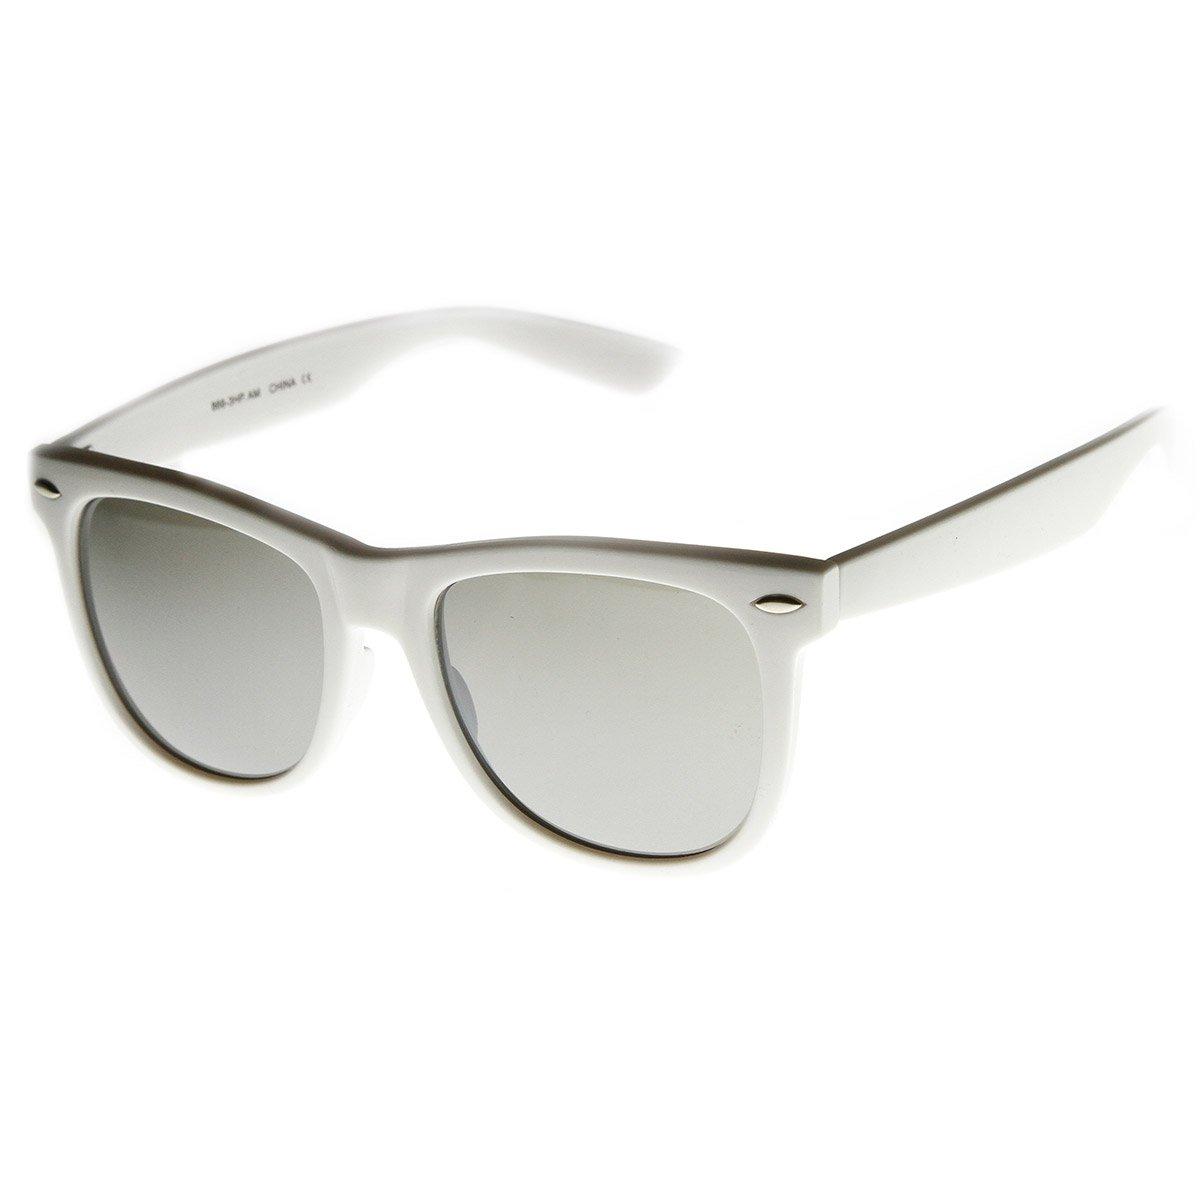 Large Mod Frame Mirrored Lens Retro Horn Rimmed Sunglasses White